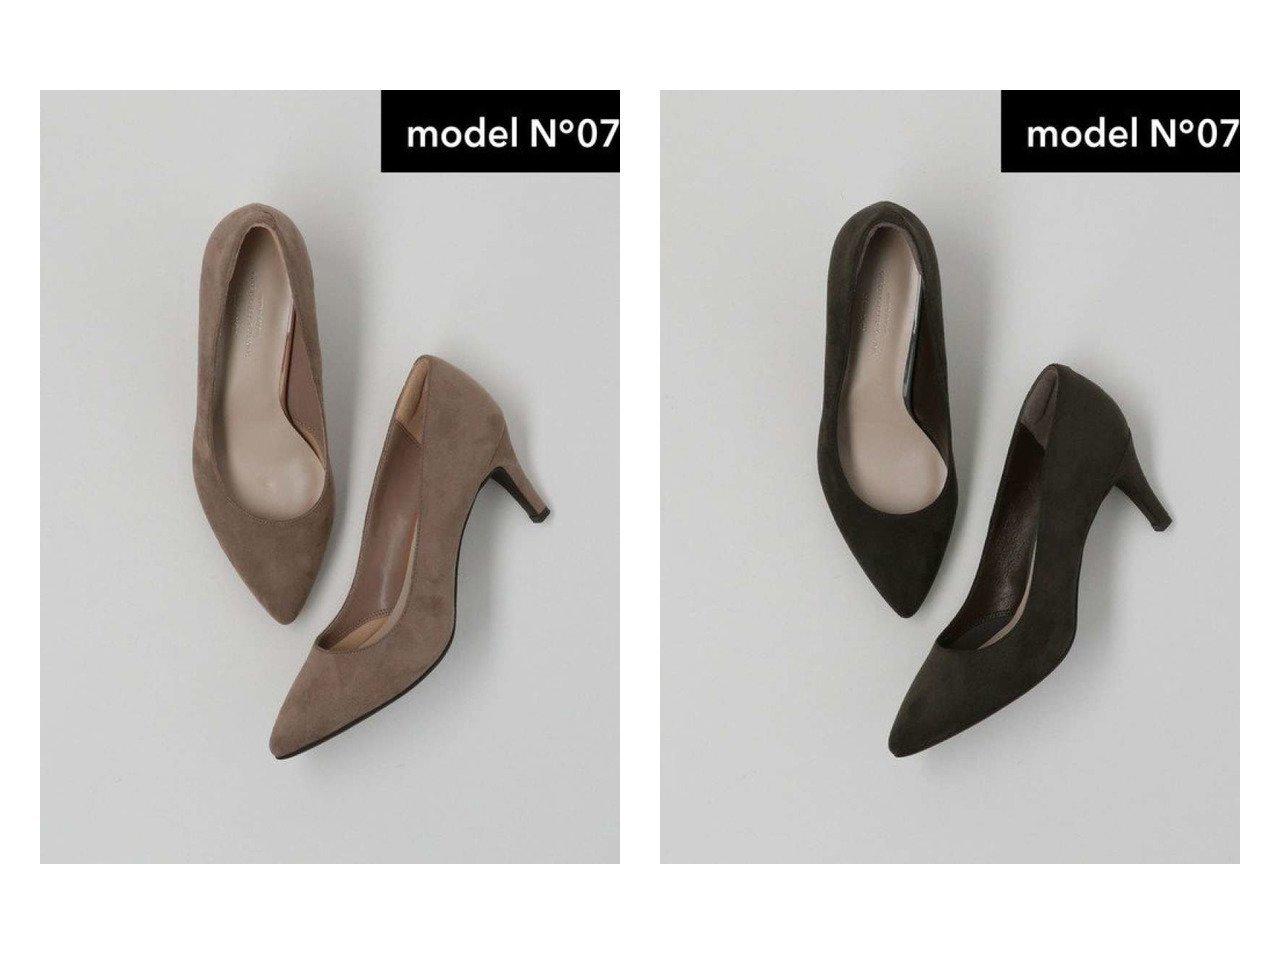 【green label relaxing / UNITED ARROWS/グリーンレーベル リラクシング / ユナイテッドアローズ】のmodel NO.07 D ポインテッド プレーン パンプス(7cmヒール) シューズ・靴のおすすめ!人気、トレンド・レディースファッションの通販 おすすめで人気の流行・トレンド、ファッションの通販商品 メンズファッション・キッズファッション・インテリア・家具・レディースファッション・服の通販 founy(ファニー) https://founy.com/ ファッション Fashion レディースファッション WOMEN クッション シューズ デニム 定番 Standard ハイヒール フィット フォルム プレーン ポインテッド  ID:crp329100000012462